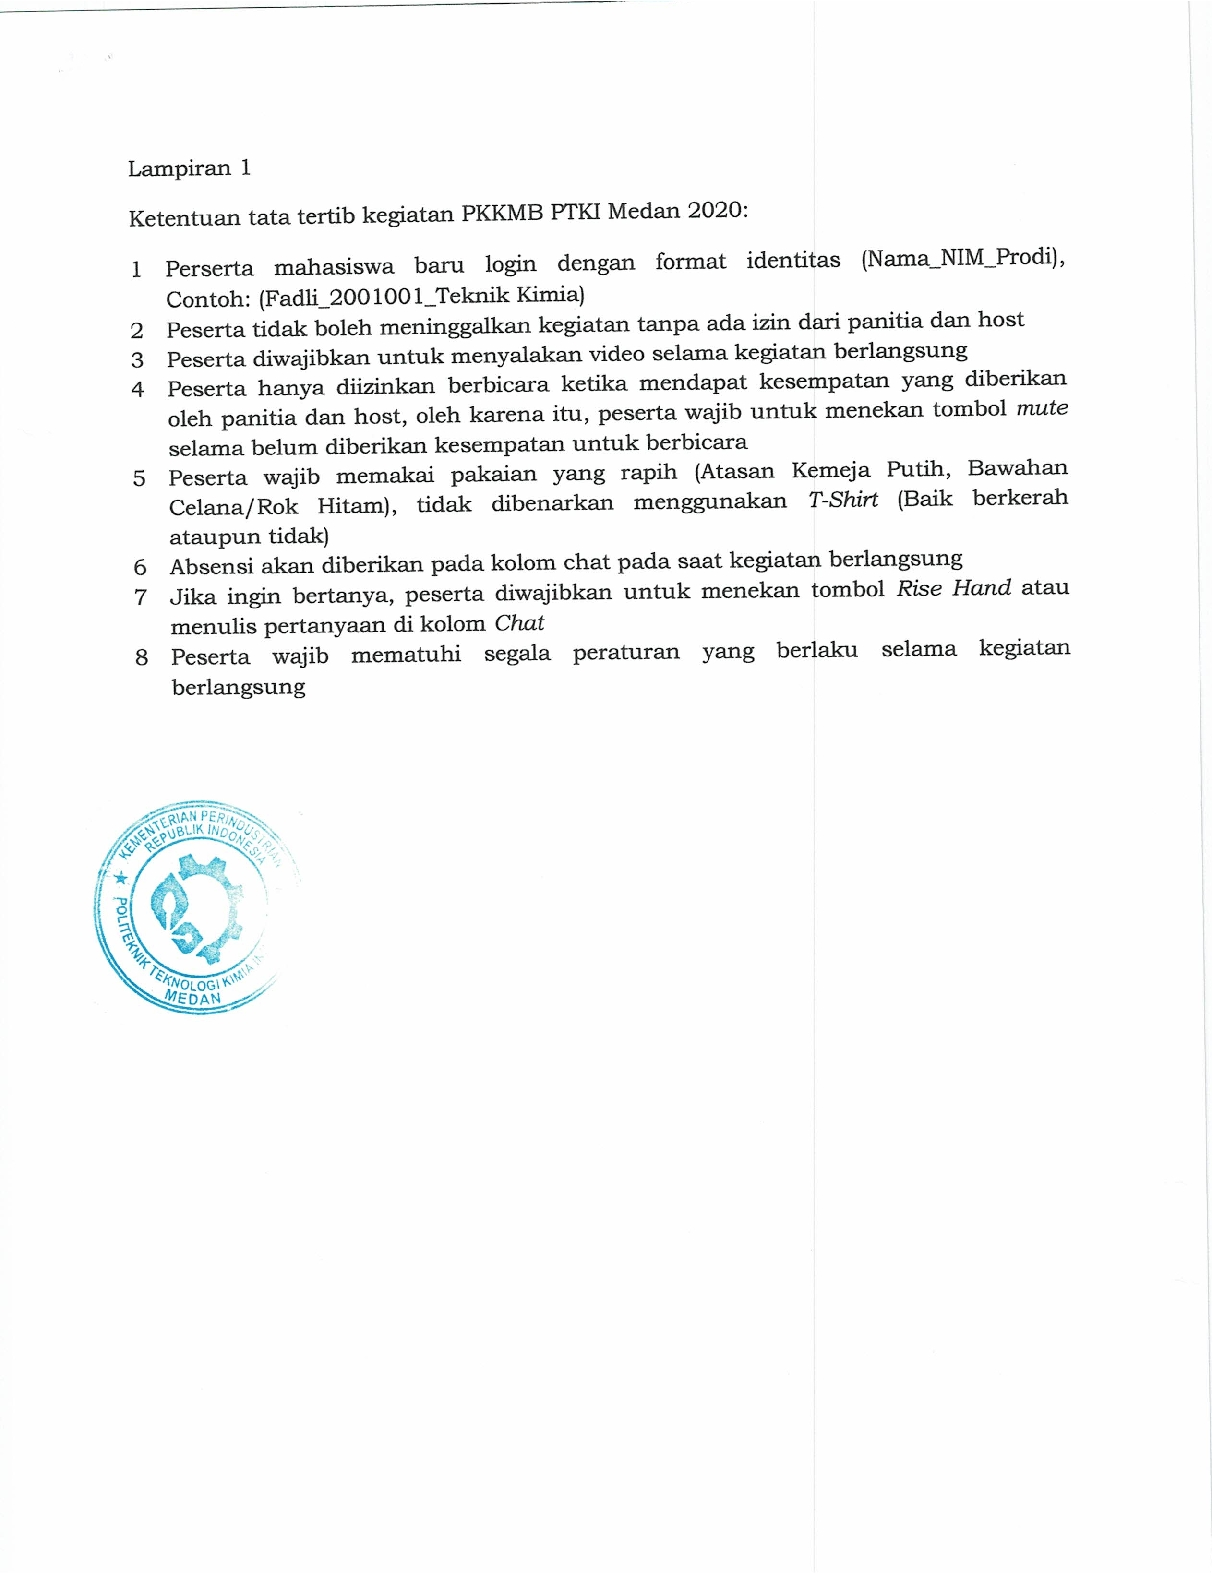 Pengumuman Panduan Orientasi Online (PKKMB) PTKI Medan dan Manual Book Zoom2